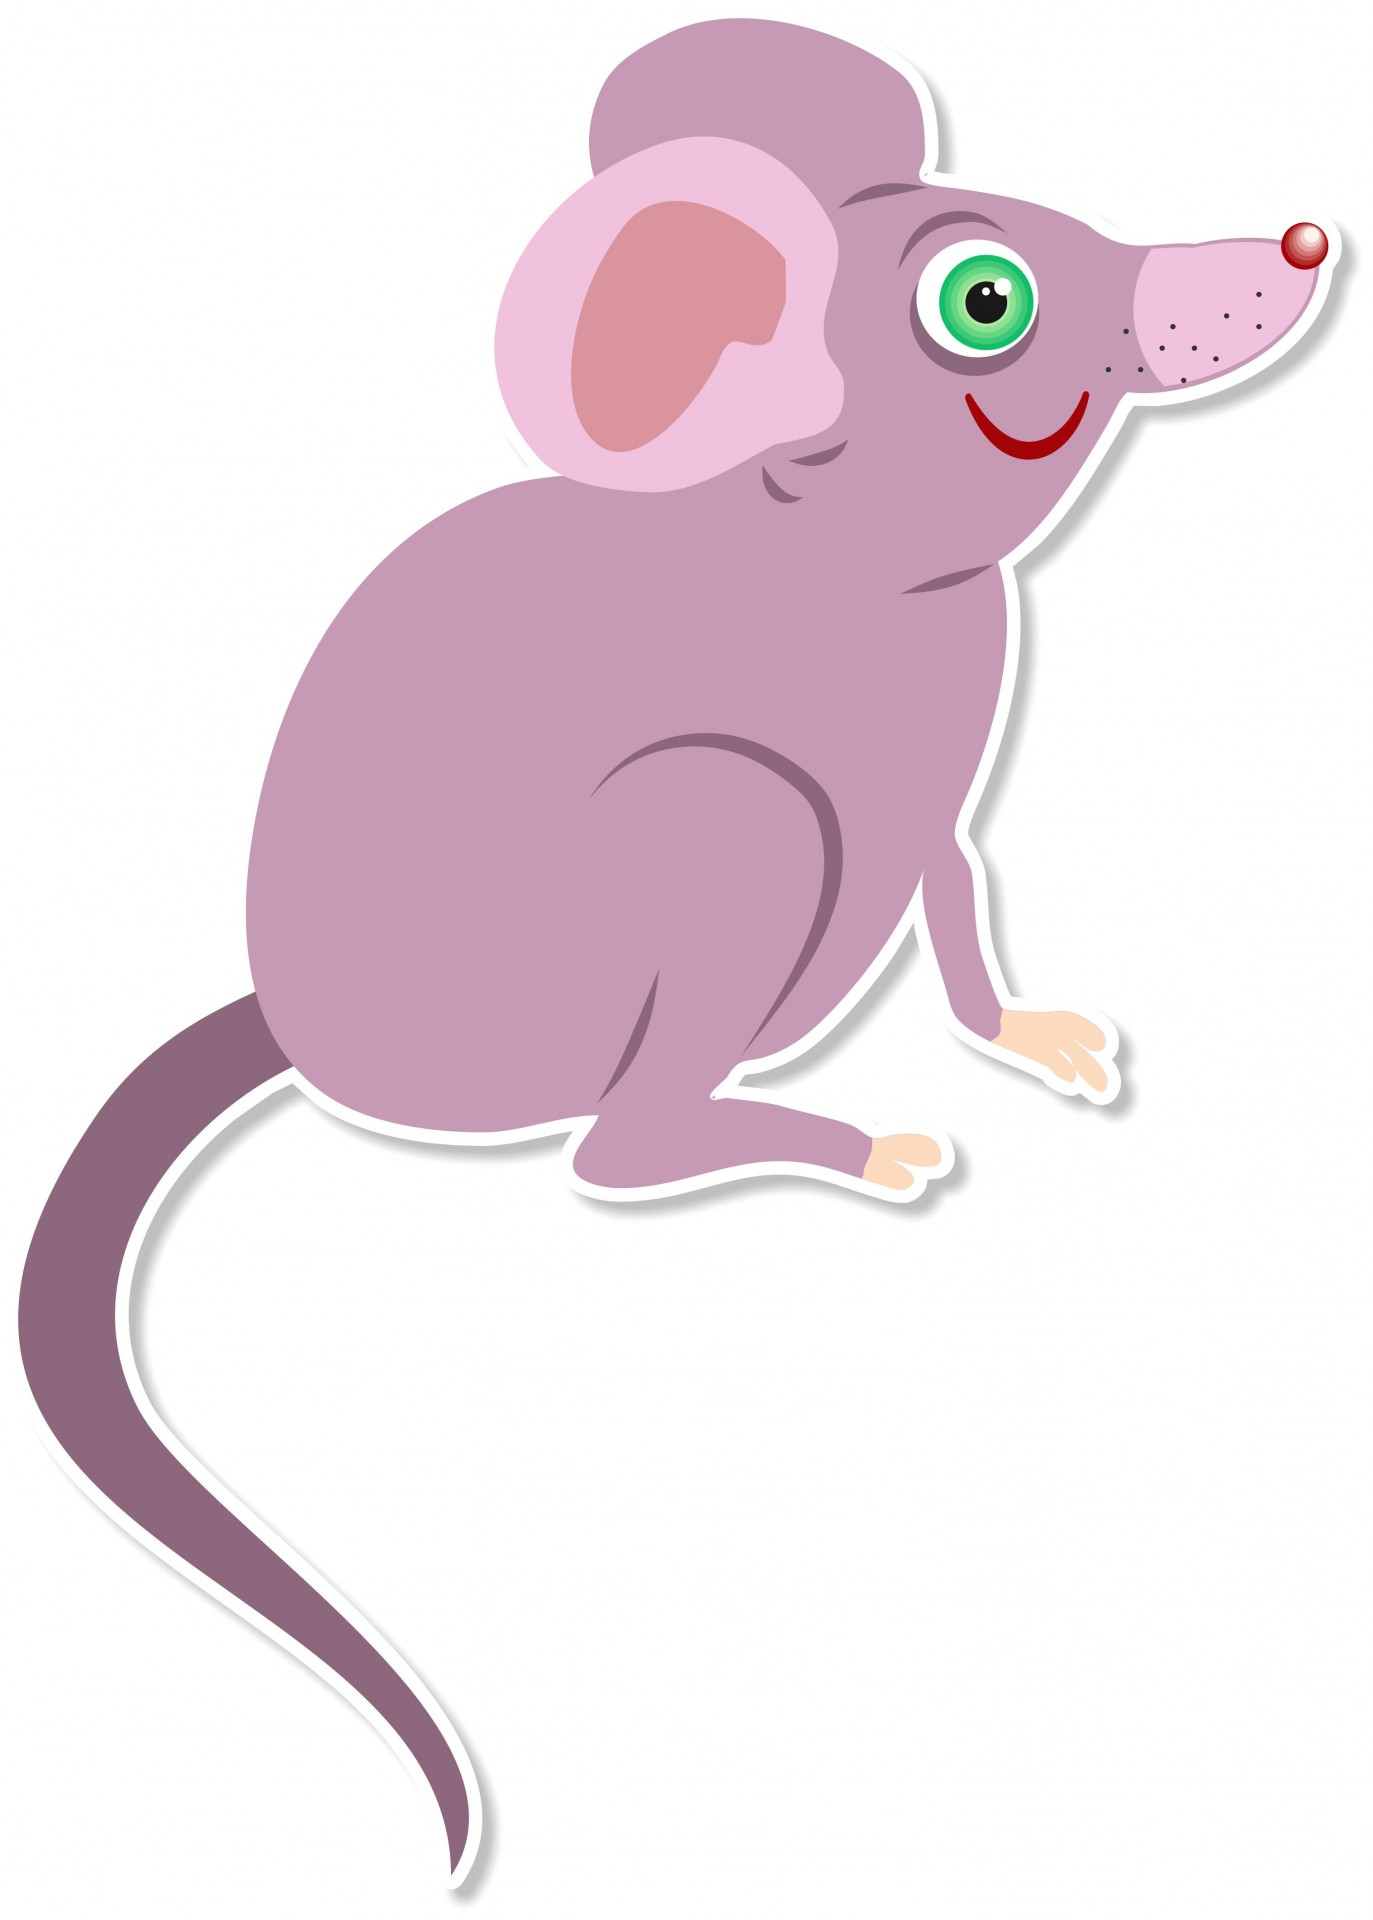 Rat clipart public domain #8